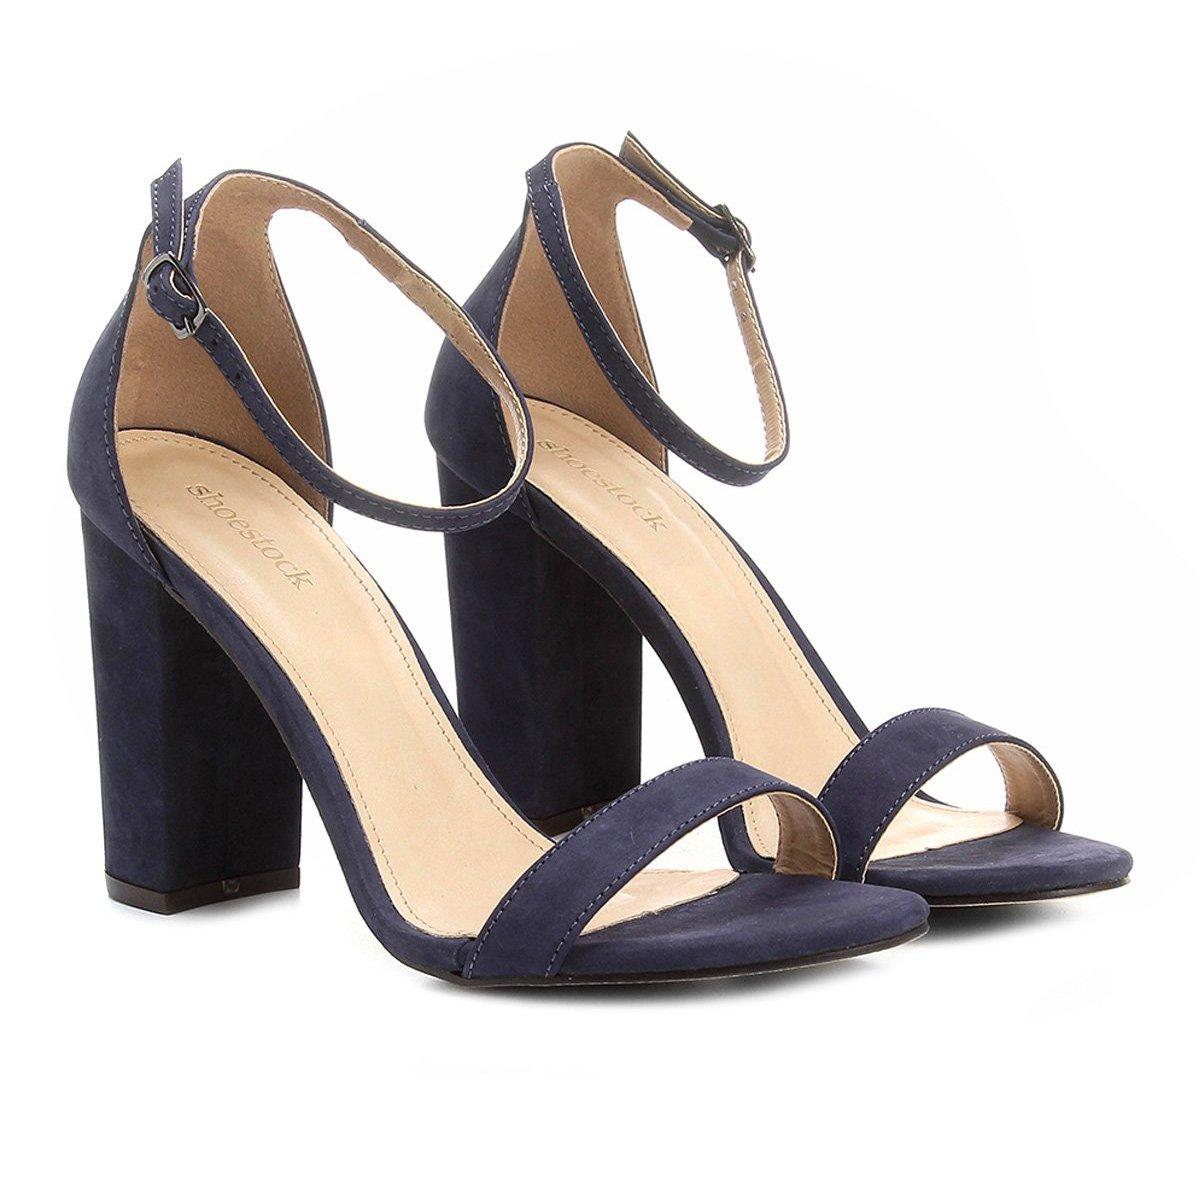 6fa23a0fb3 Sandália Couro Shoestock Salto Grosso Feminina | Shoestock